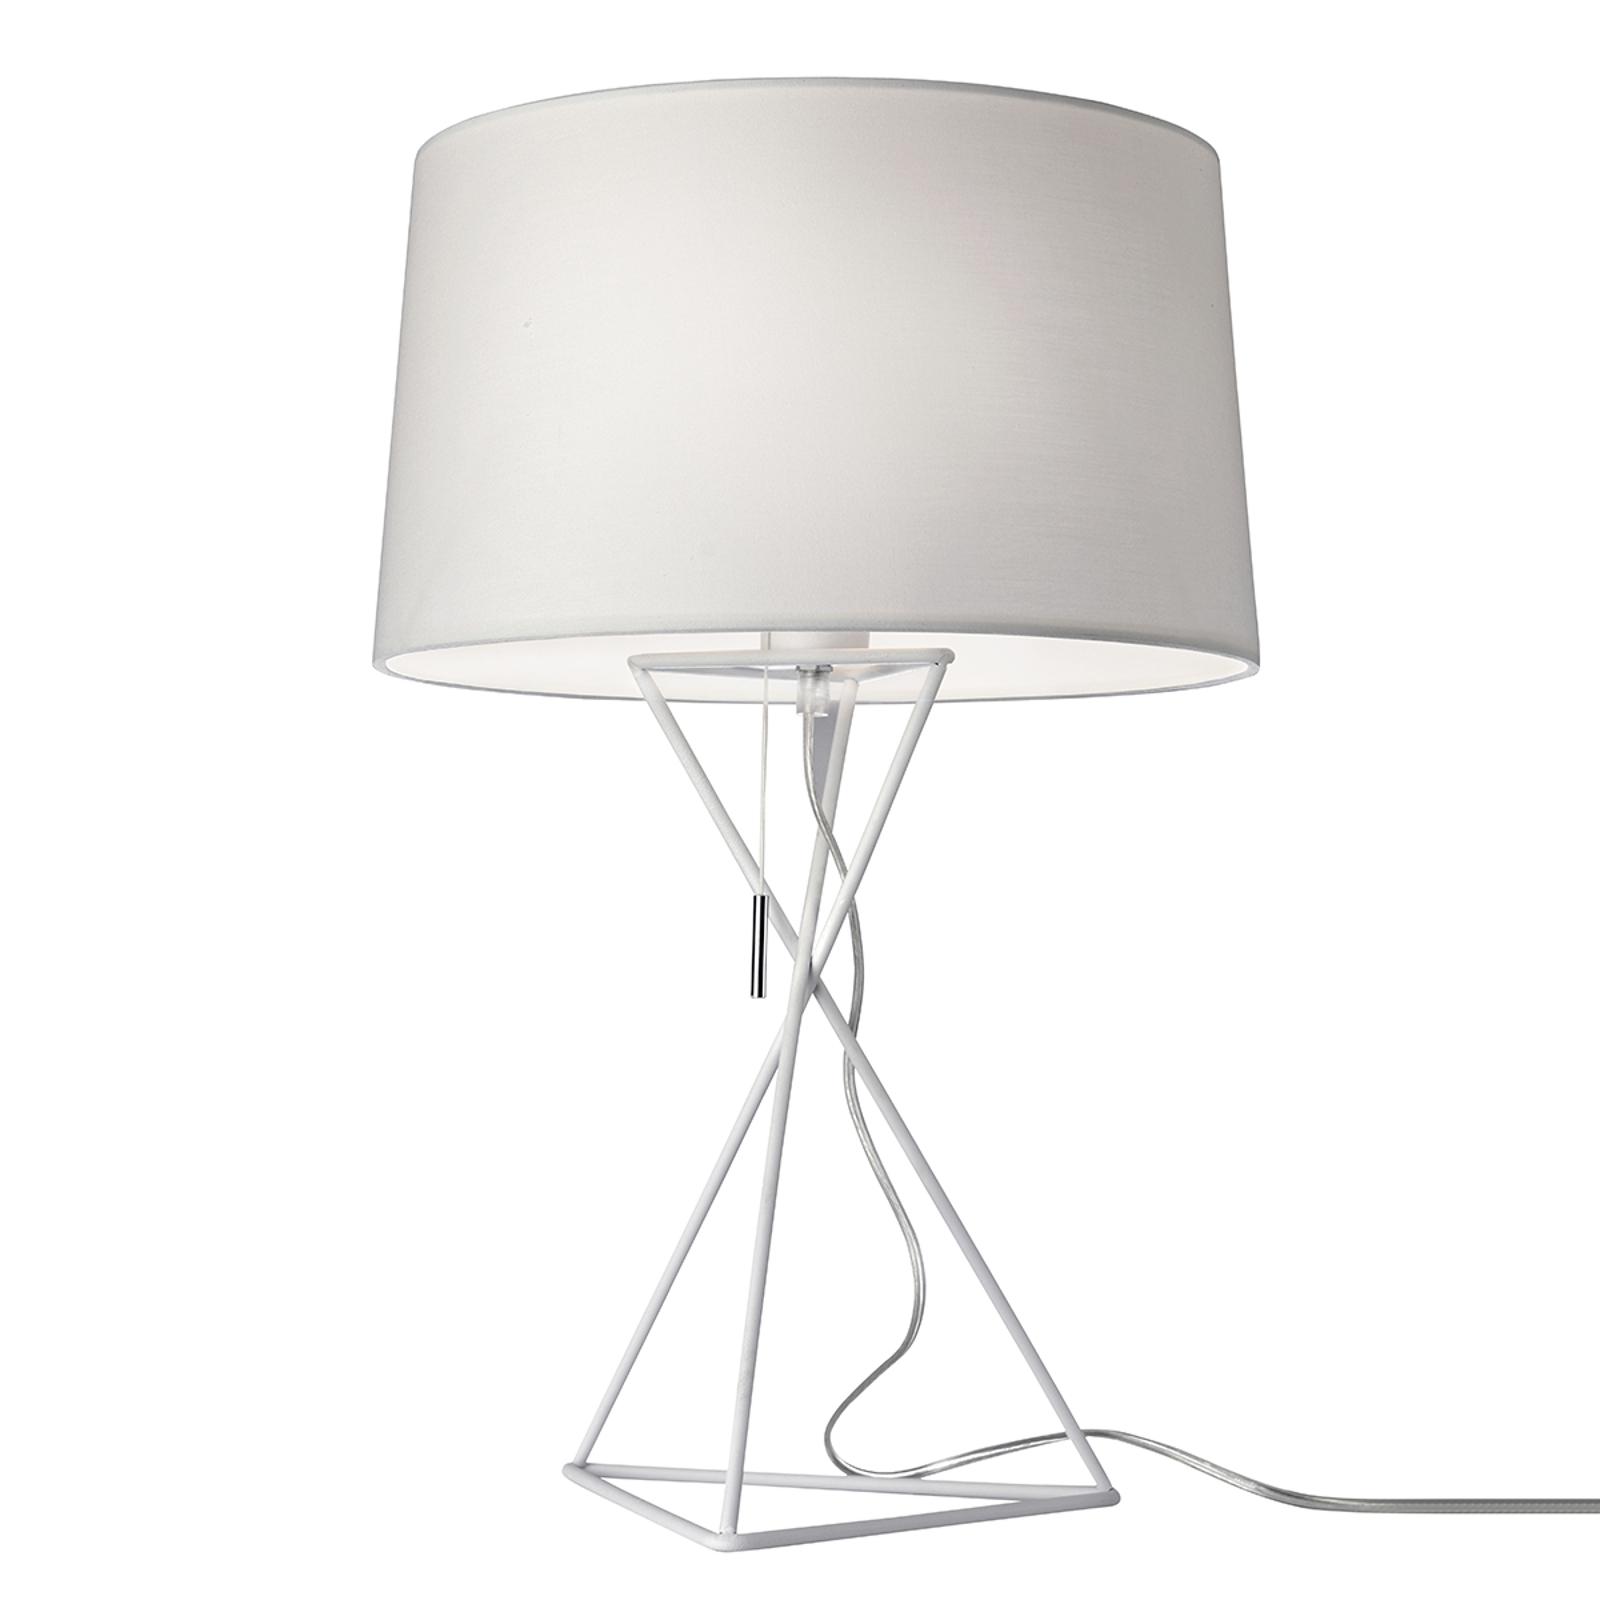 Villeroy & Boch New York - Tischleuchte weiß